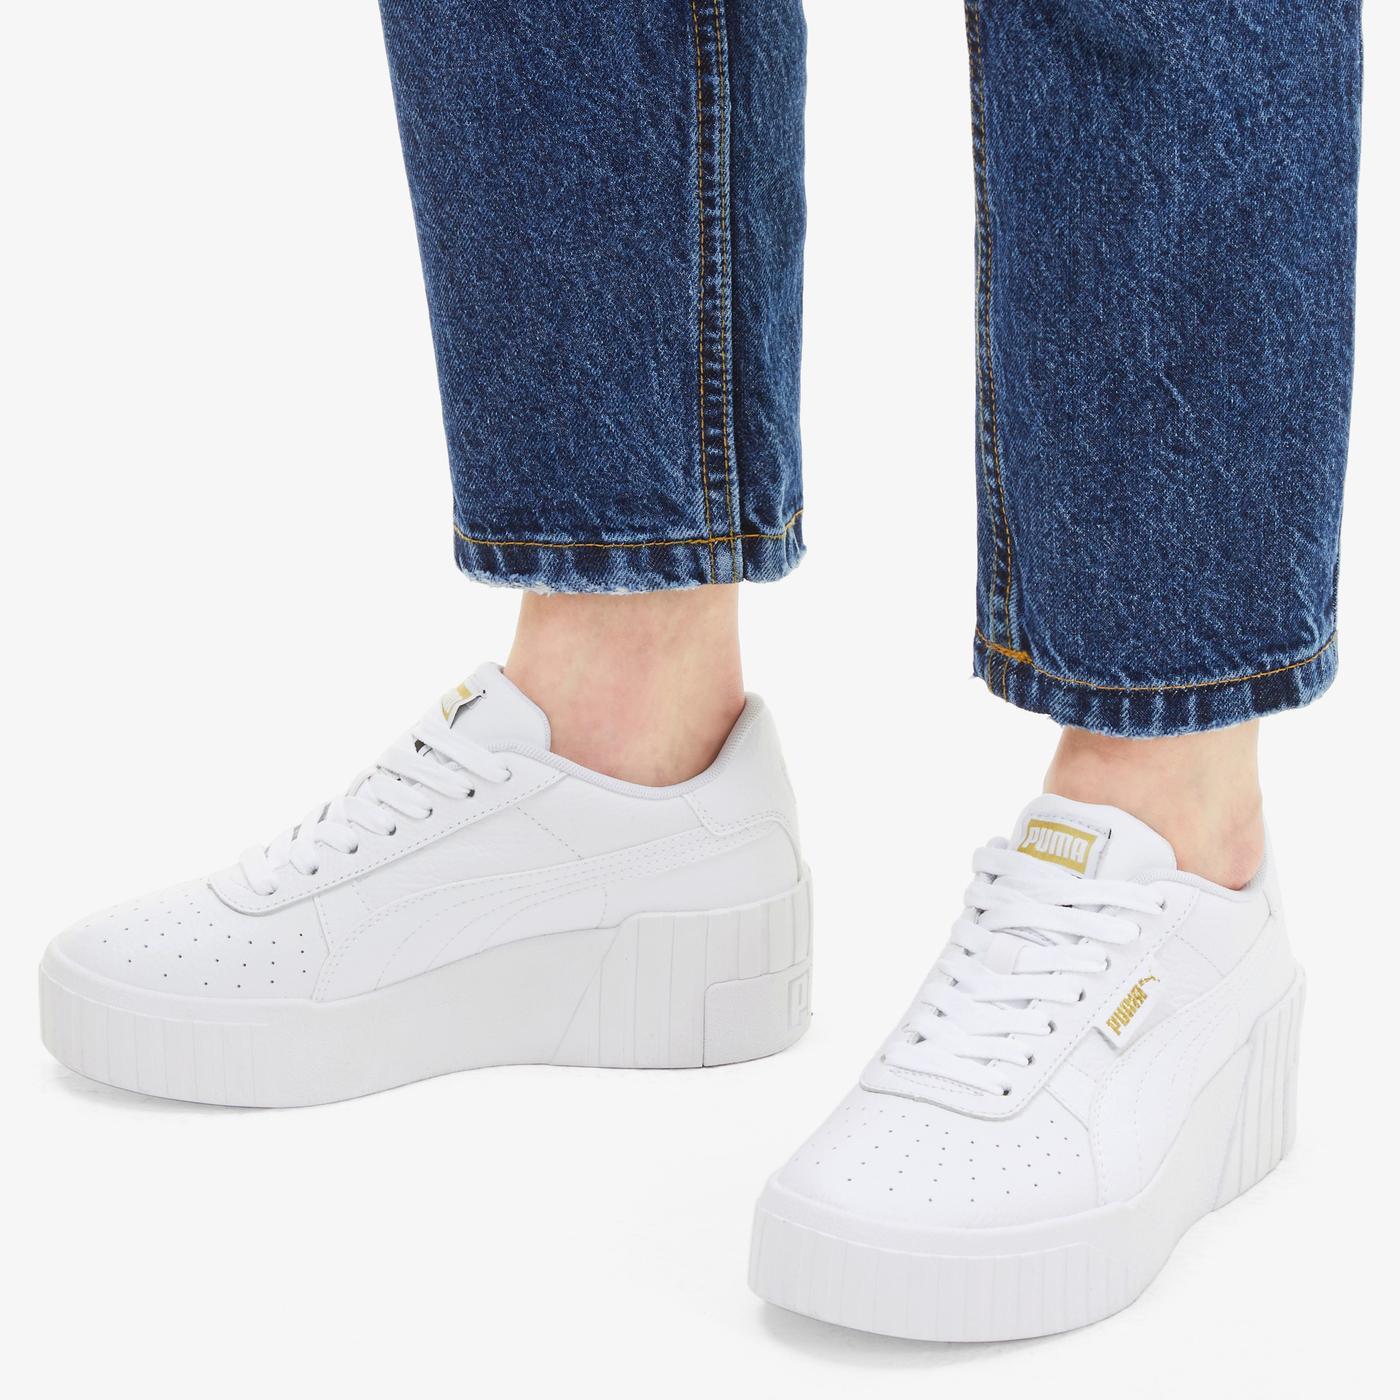 Puma Cali Wedge Kadın Beyaz Spor Ayakkabı